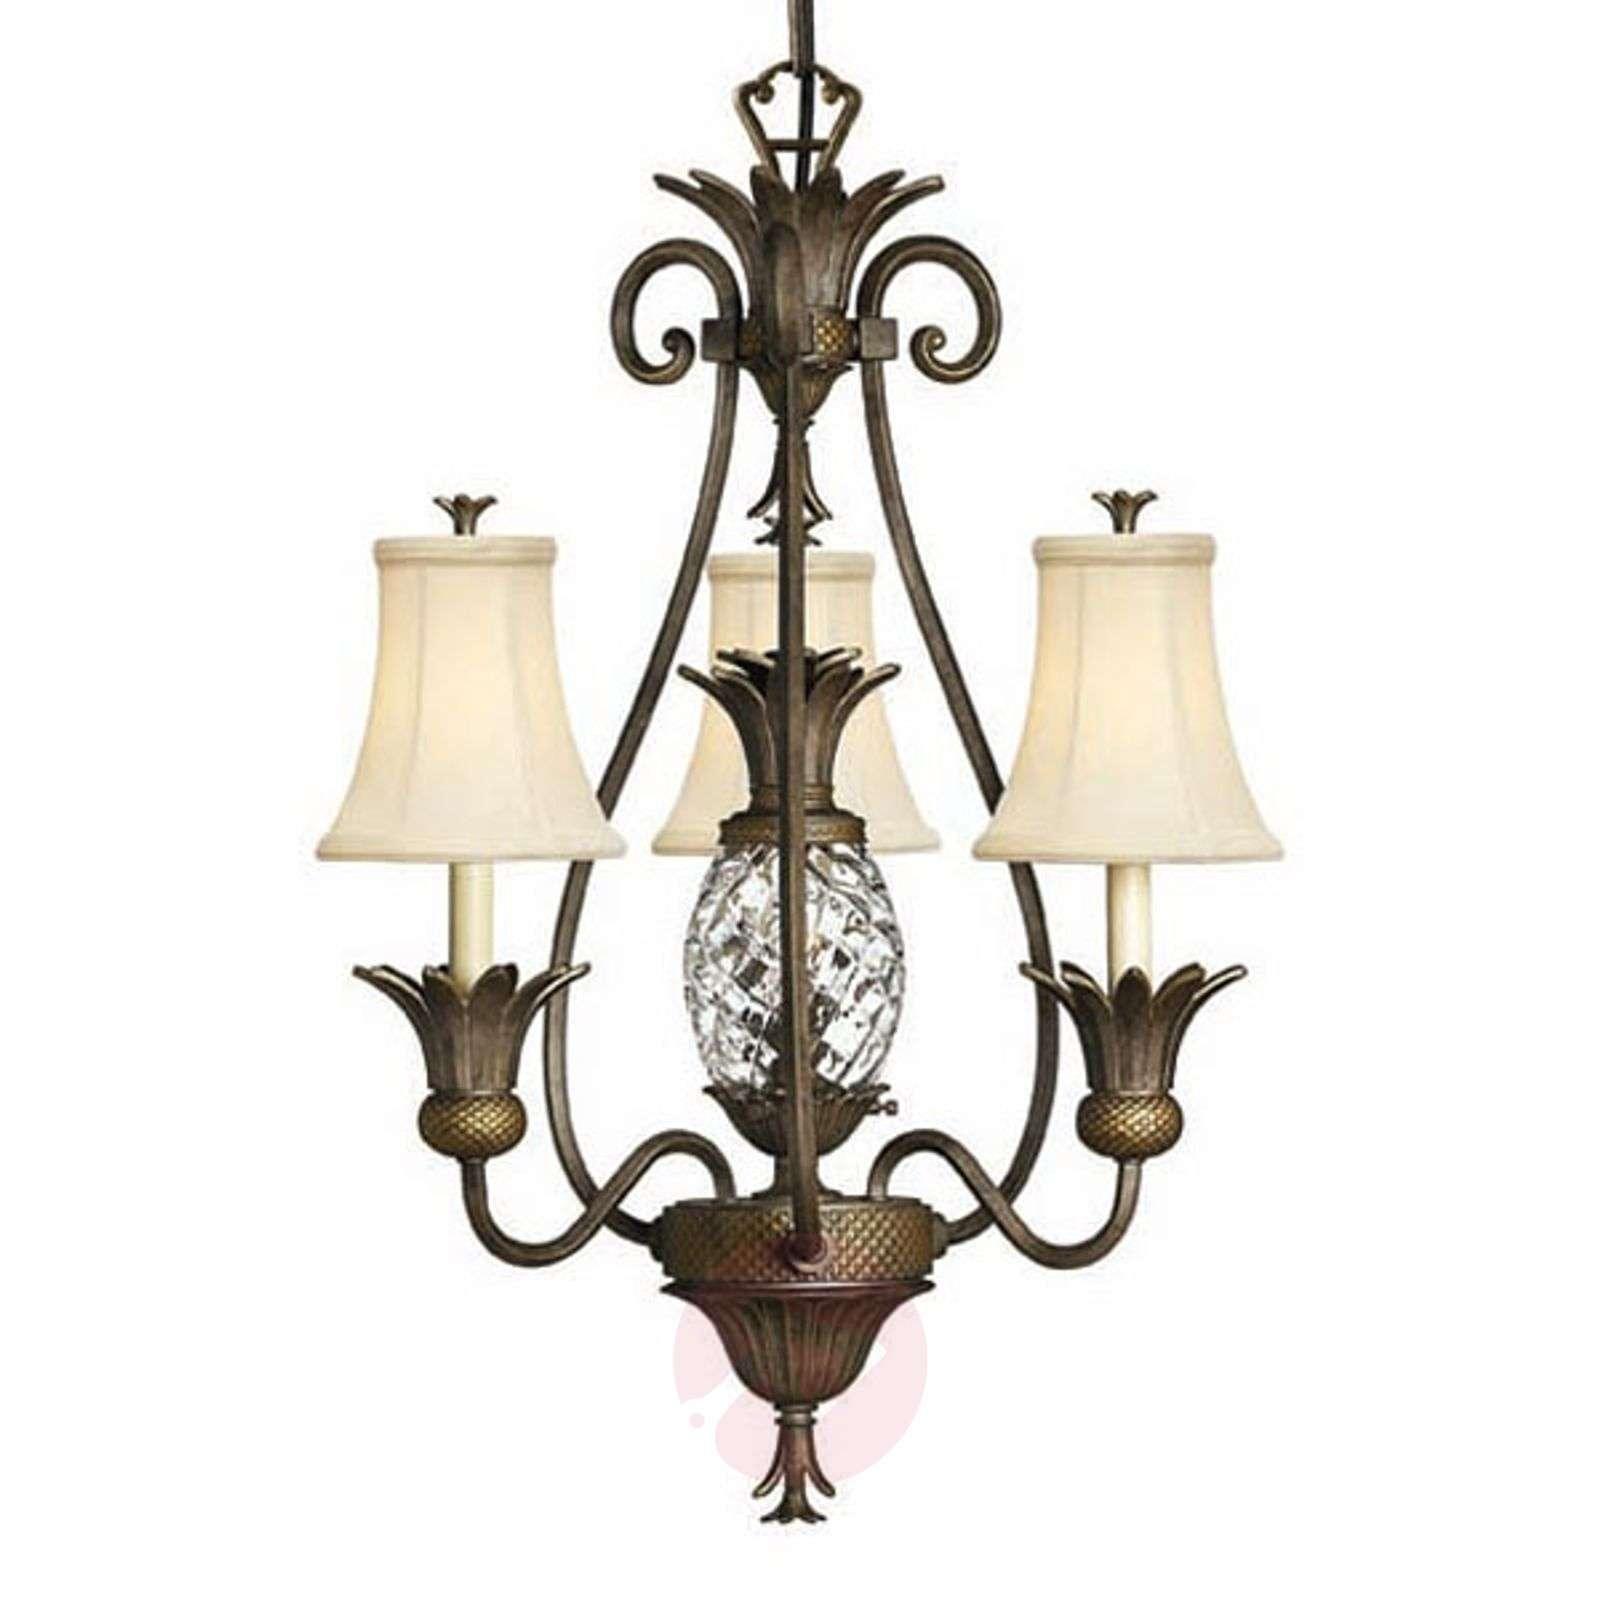 Kaunis Plantation-kattokruunu, 3 lamppua-3048259-01